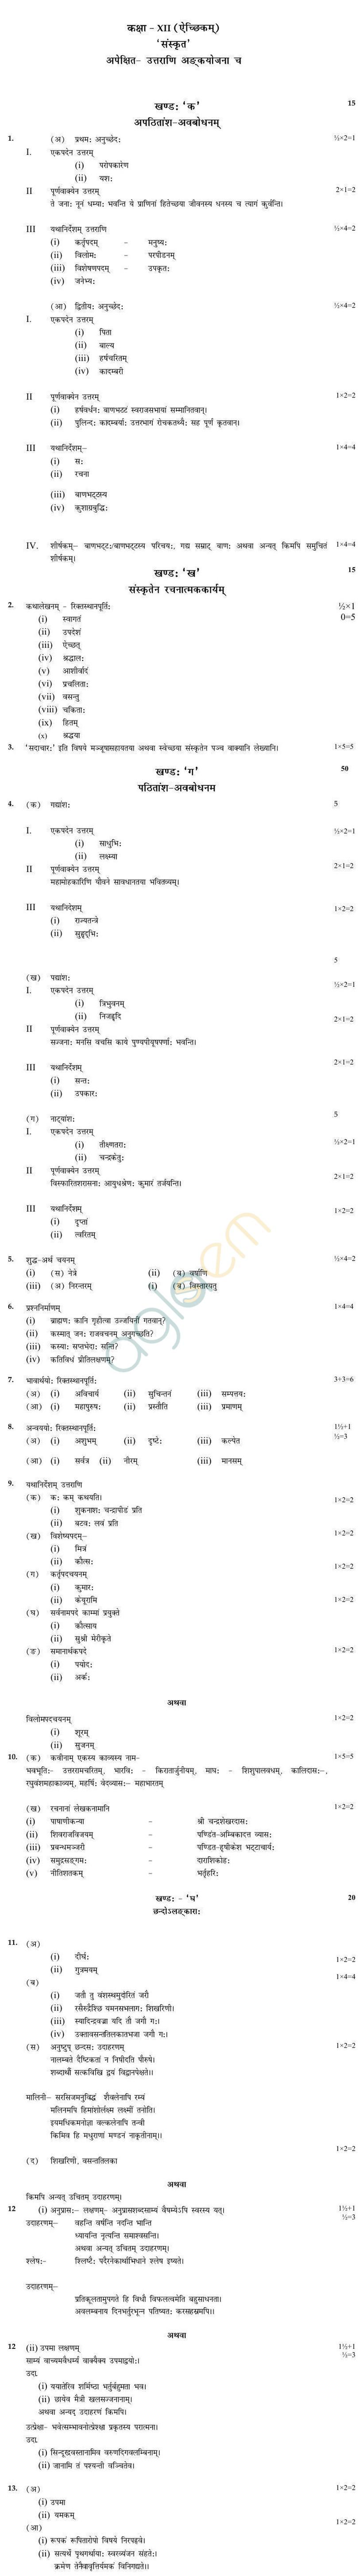 CBSE Class XII Marking Scheme 2015 Sanskrit (Elective)